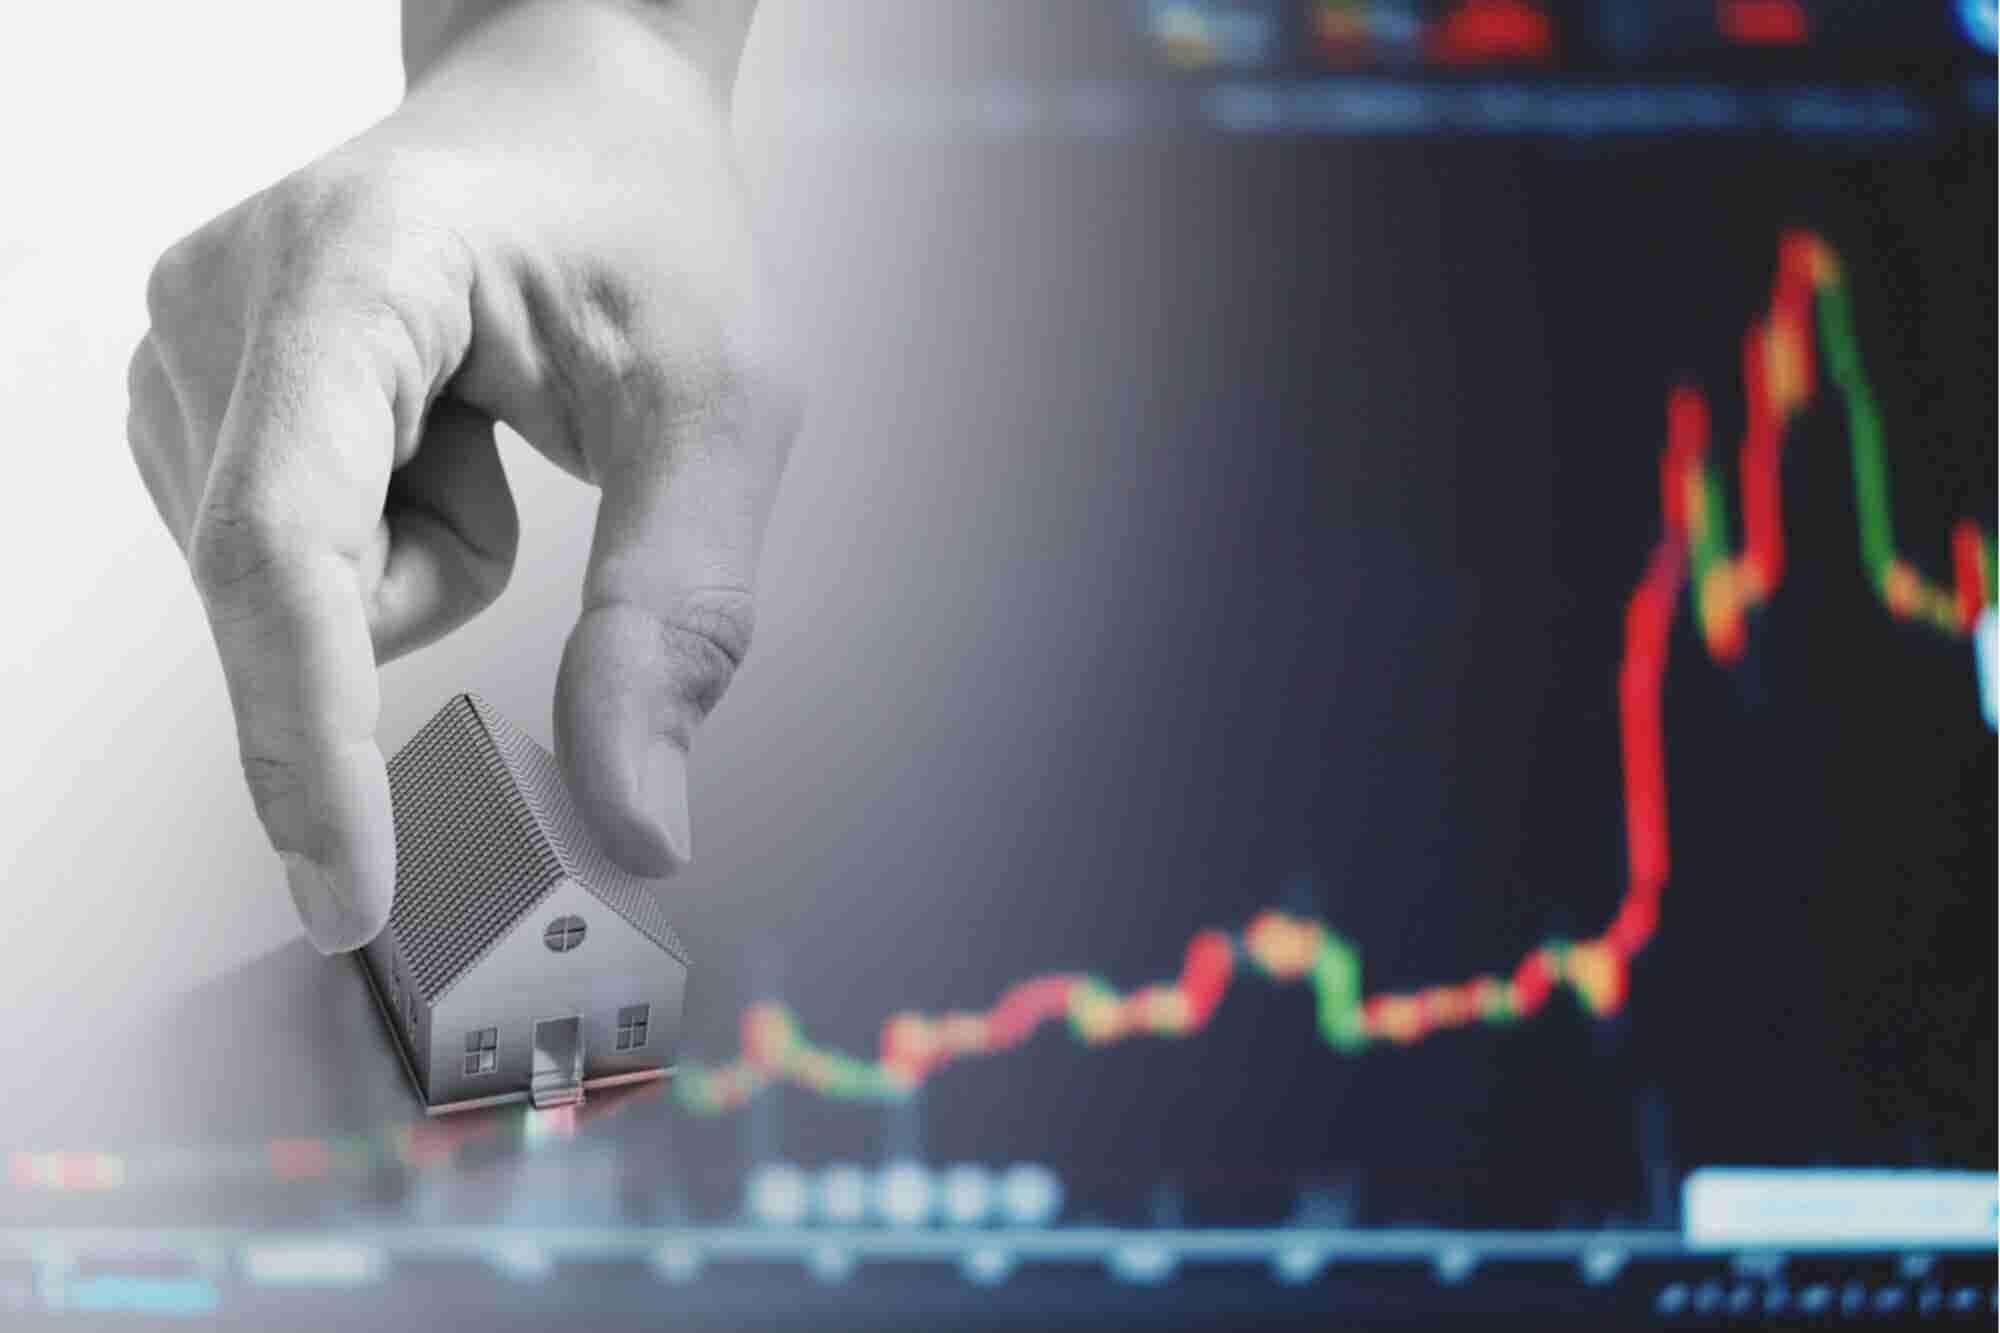 Las 3 formas de invertir en bienes raíces (explicadas de forma sencilla)